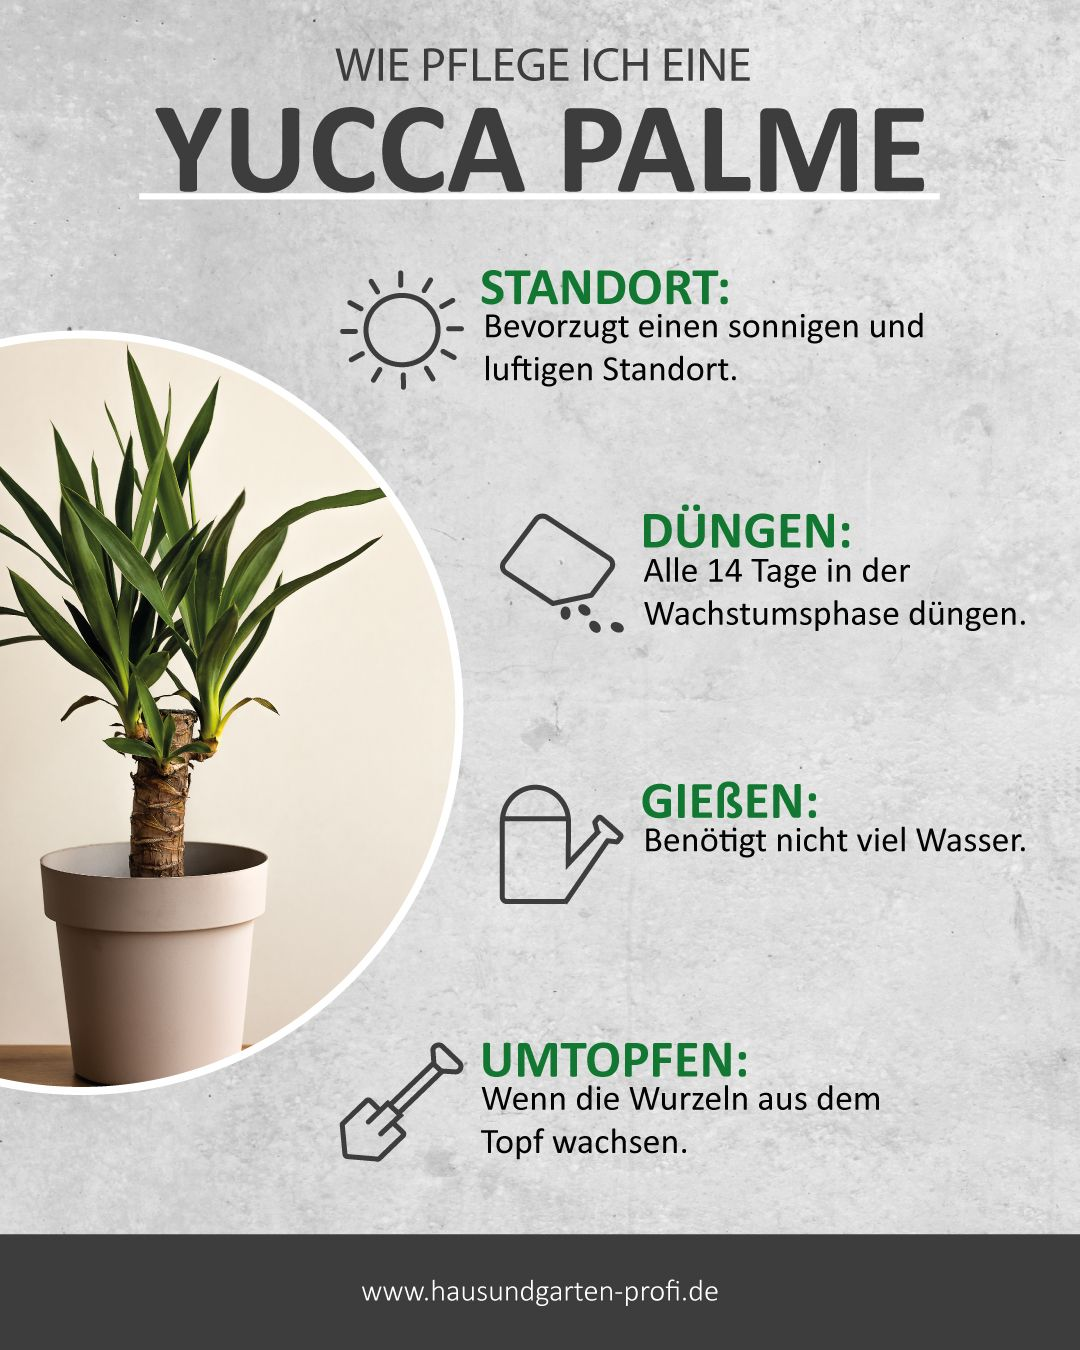 Pflegeleichte Yucca Palme In 2020 Yucca Palme Pflanzen Pflege Pflanzen